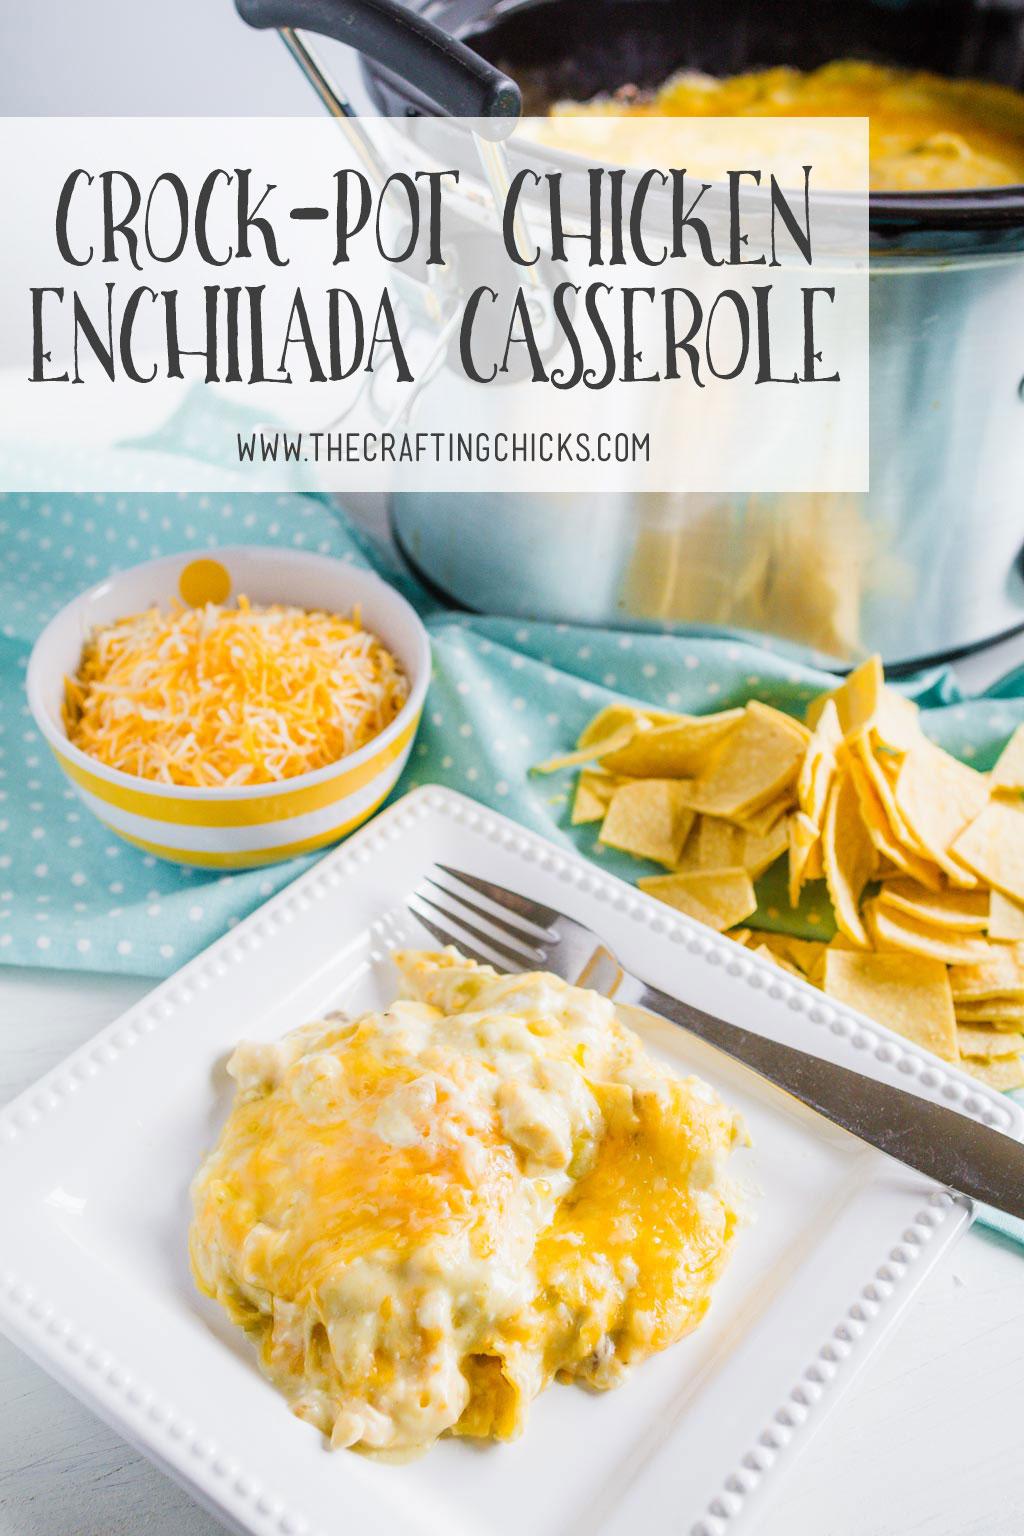 Crock-Pot Chicken Enchiladas